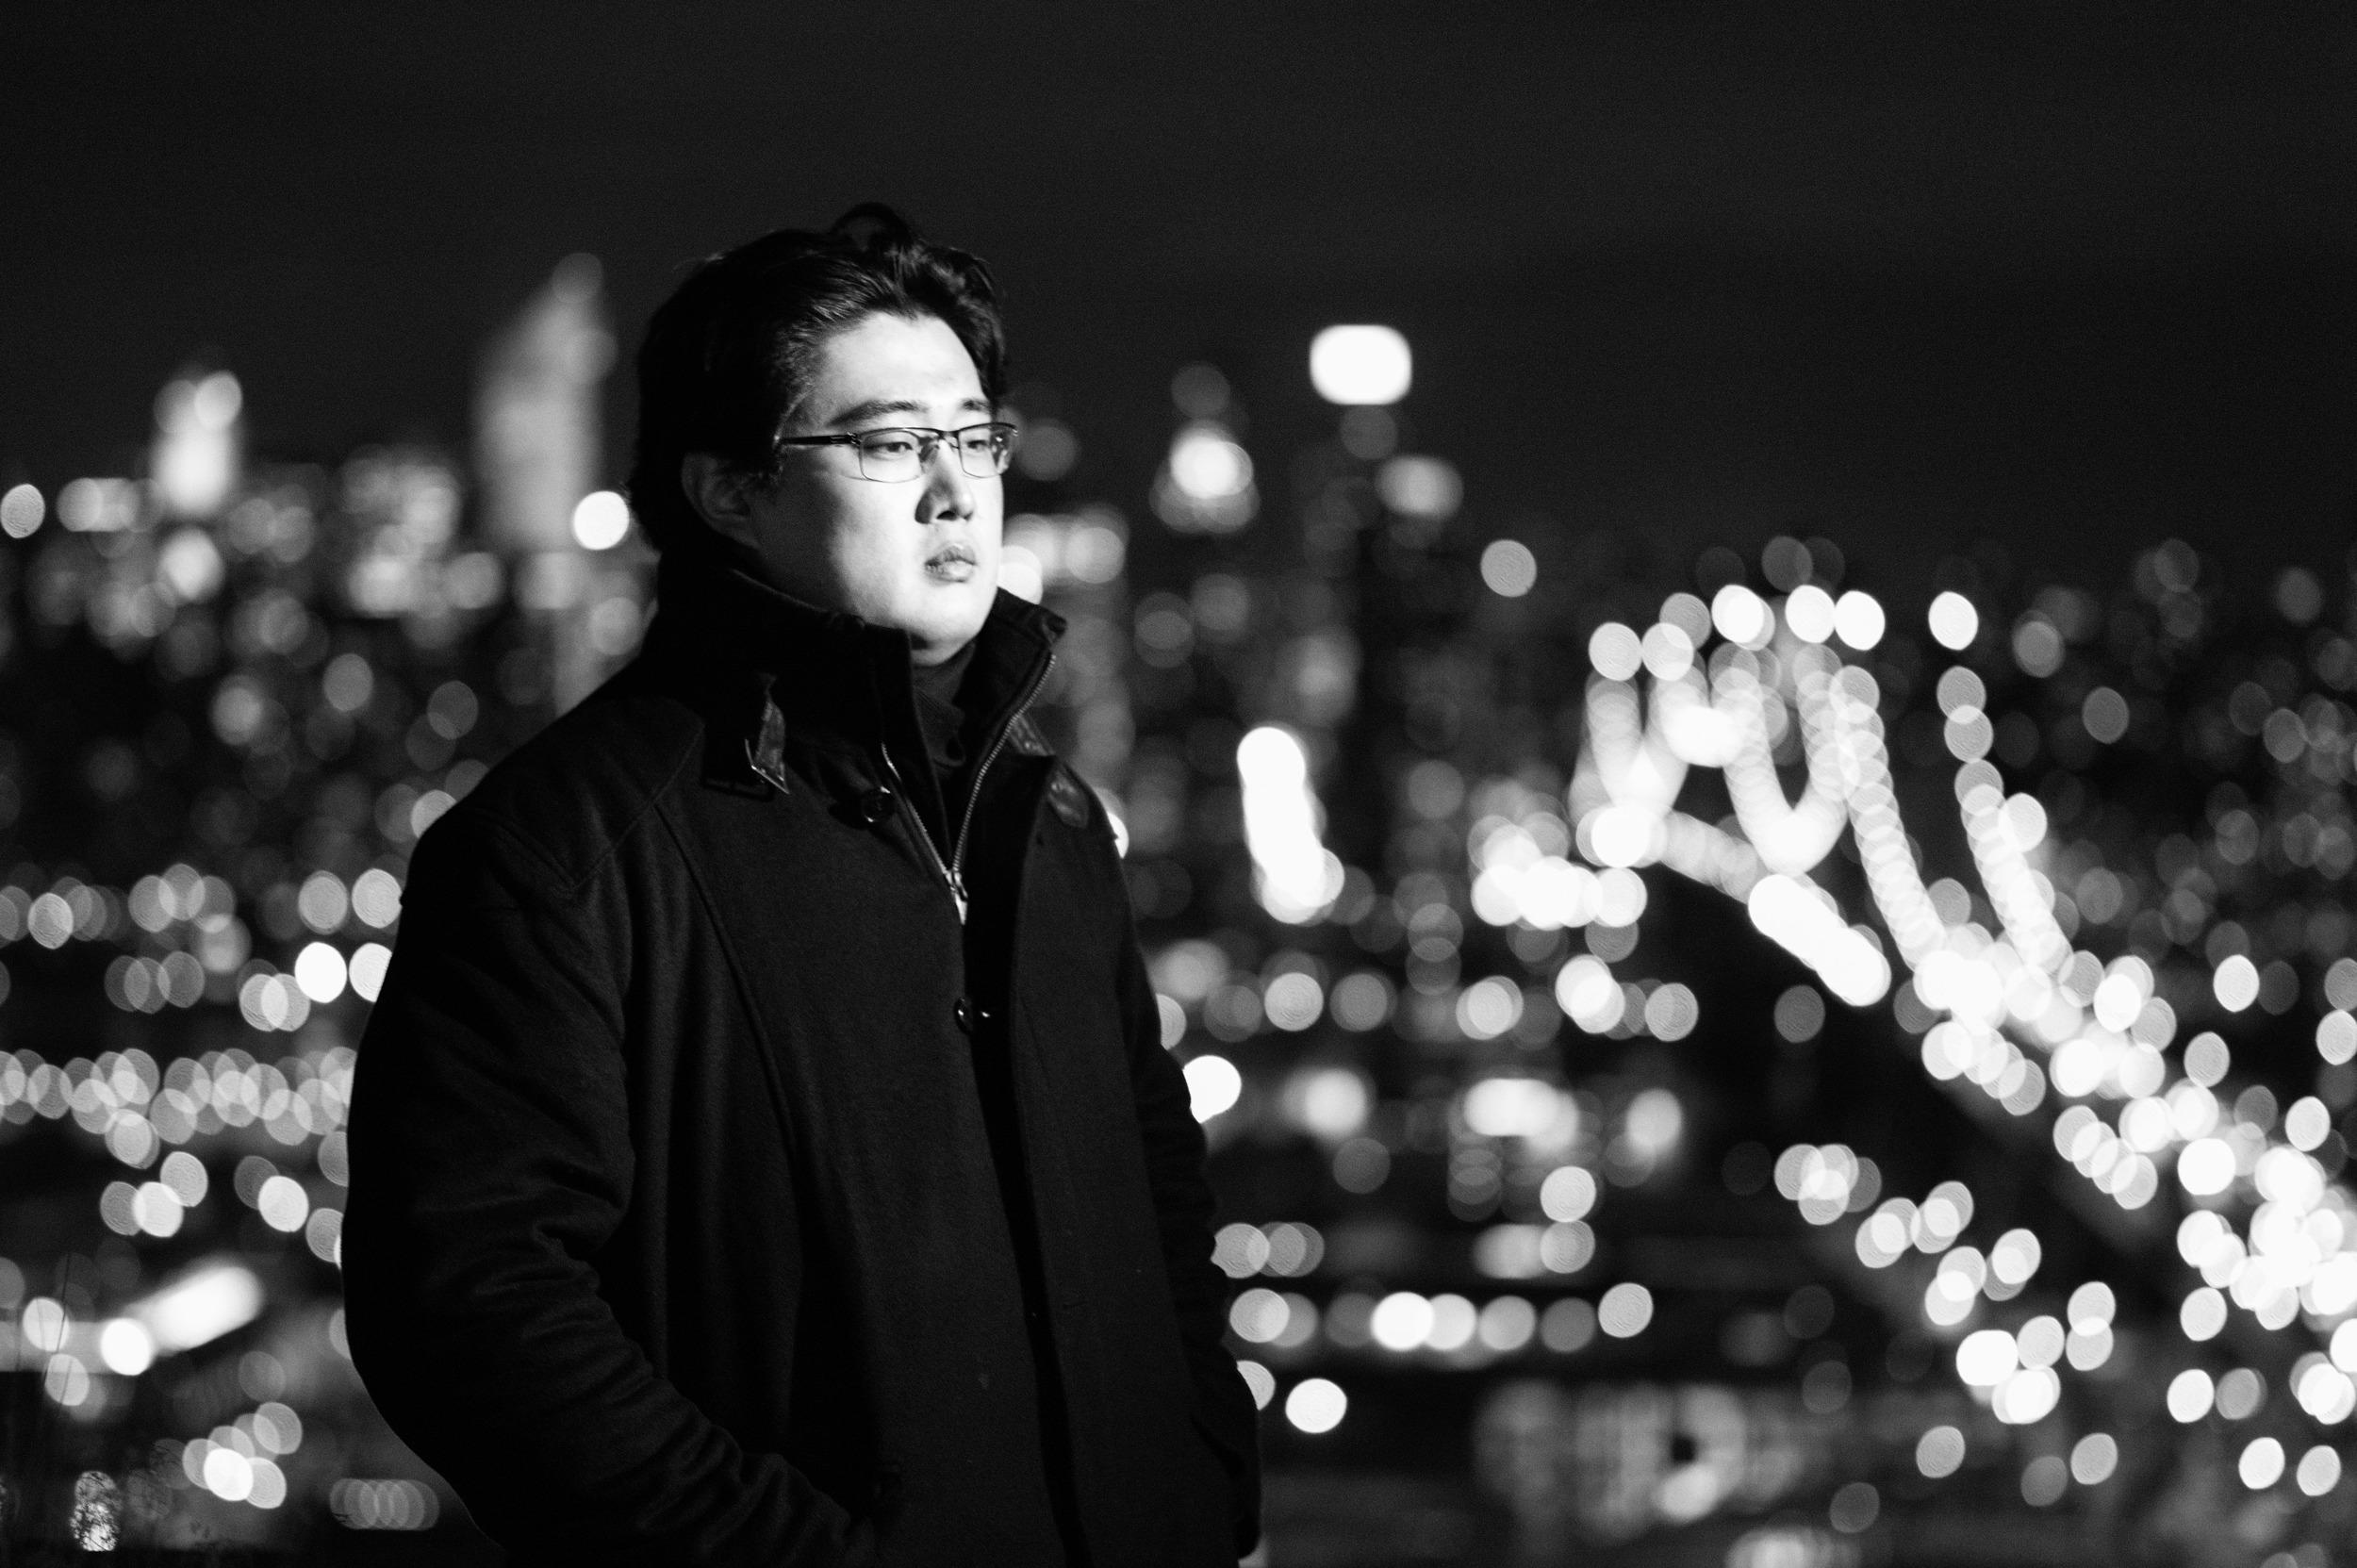 Photo Credit: Liao-Yi Wang